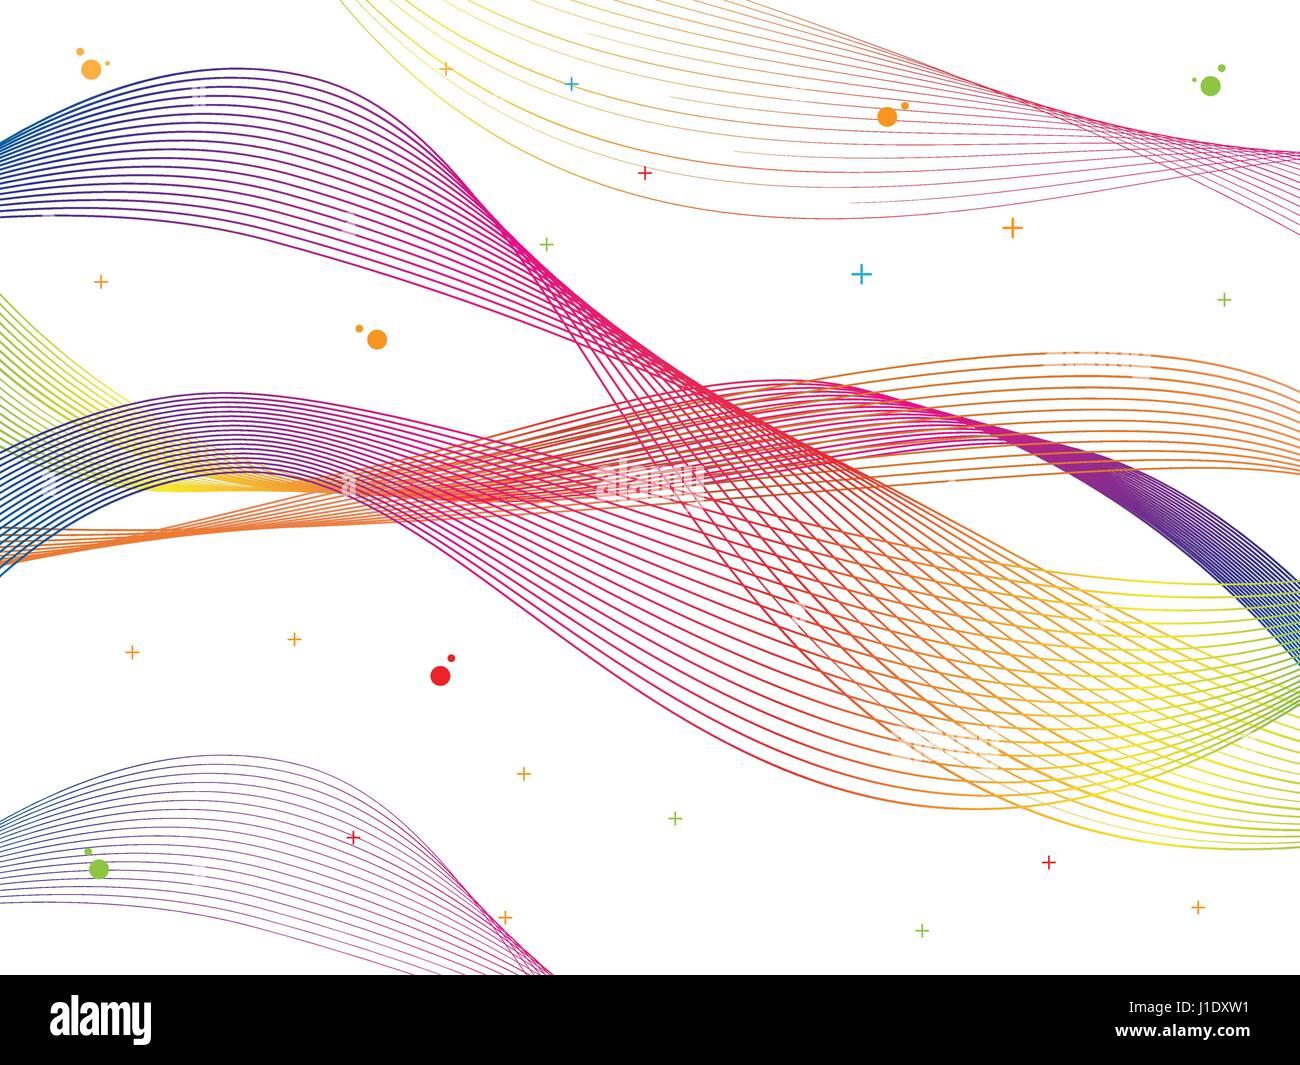 Abstract vector de onda de color suave. La curva de flujo de movimiento coloridas ilustraciones. Humo colorido diseño ondulado. Líneas de vectores. Ilustración del Vector